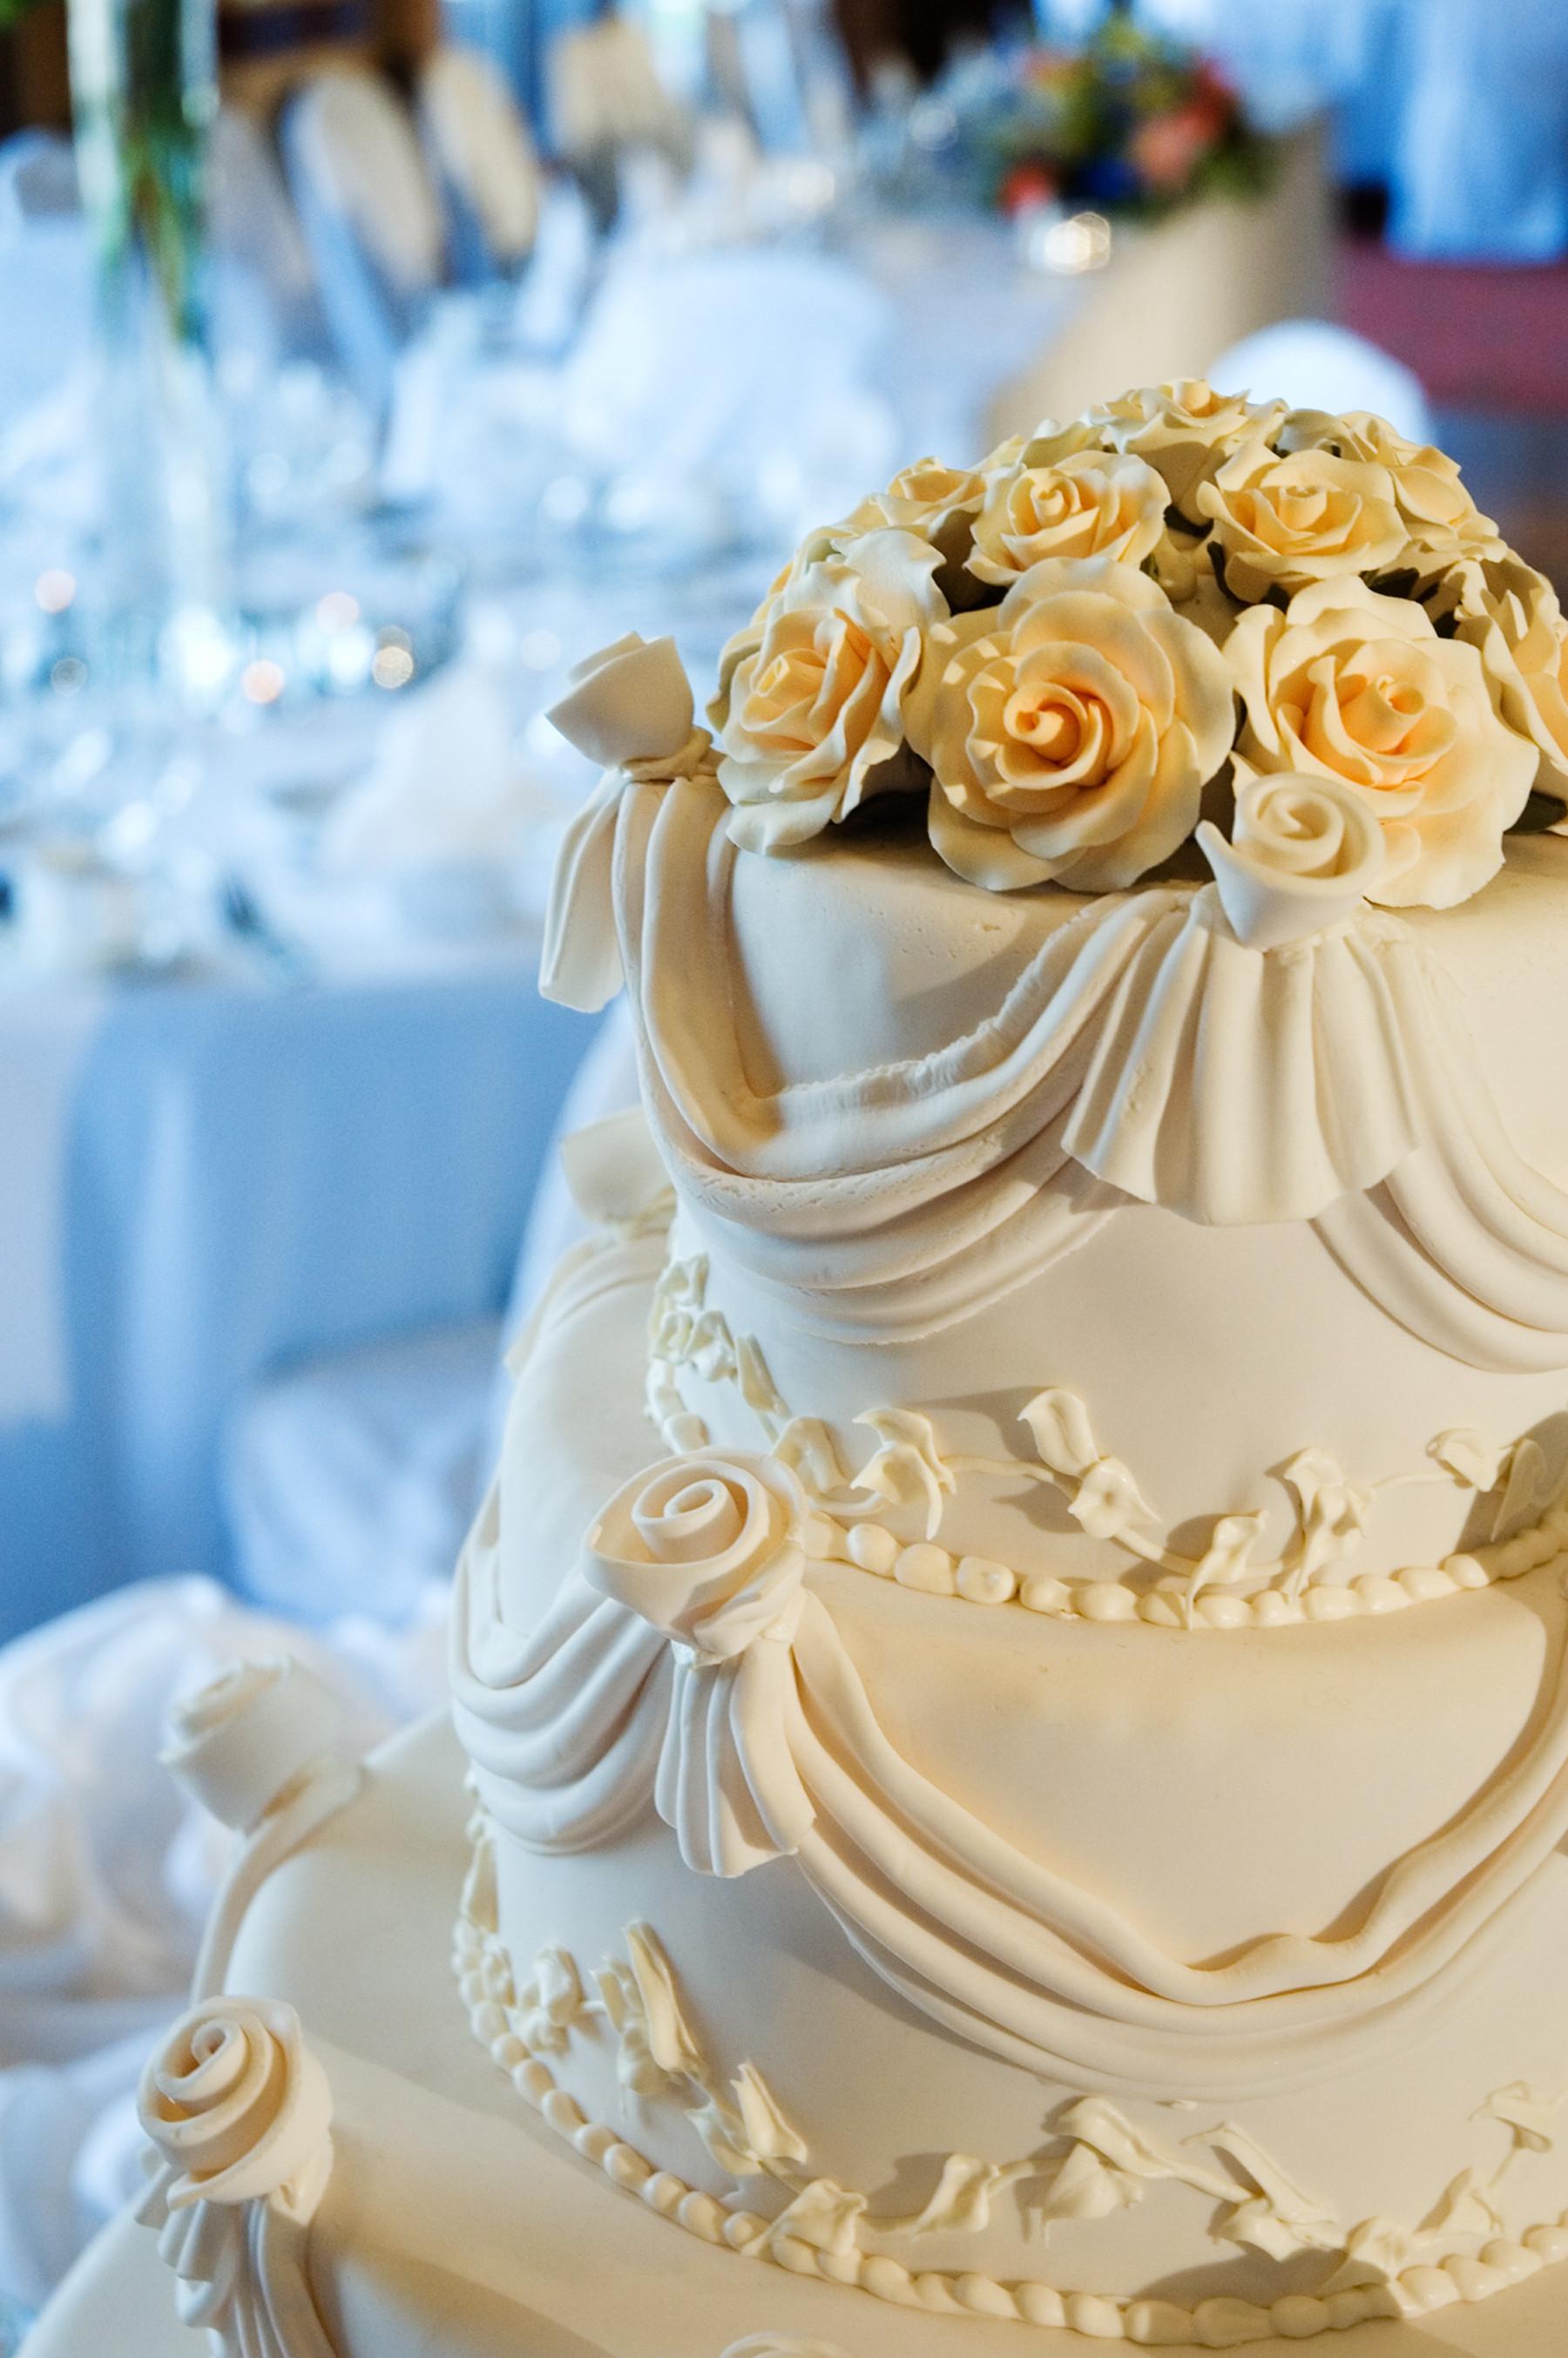 Wedding Cakes Decorations Ideas  Wedding Cake Decorating Ideas Easy Wedding Cake